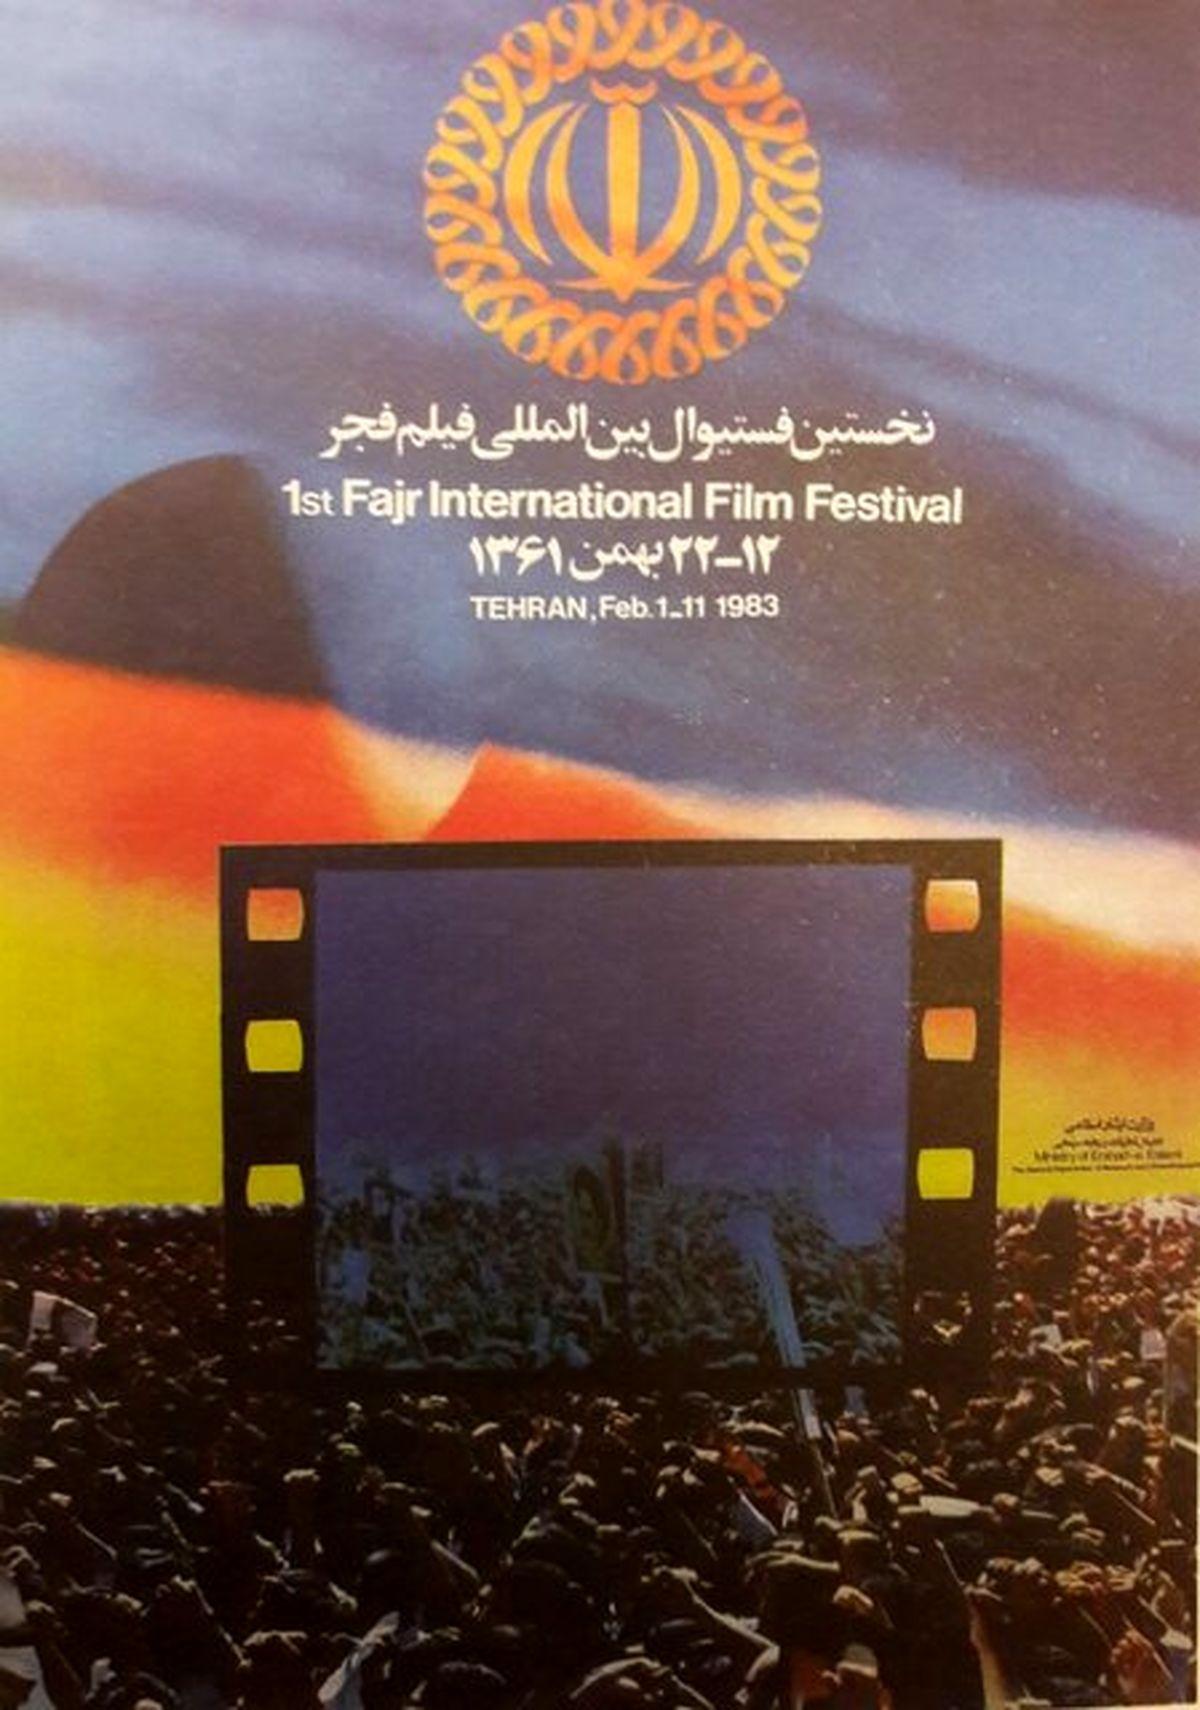 برگزاری جشنواره فیلم فجر با 750 هزار تومان!